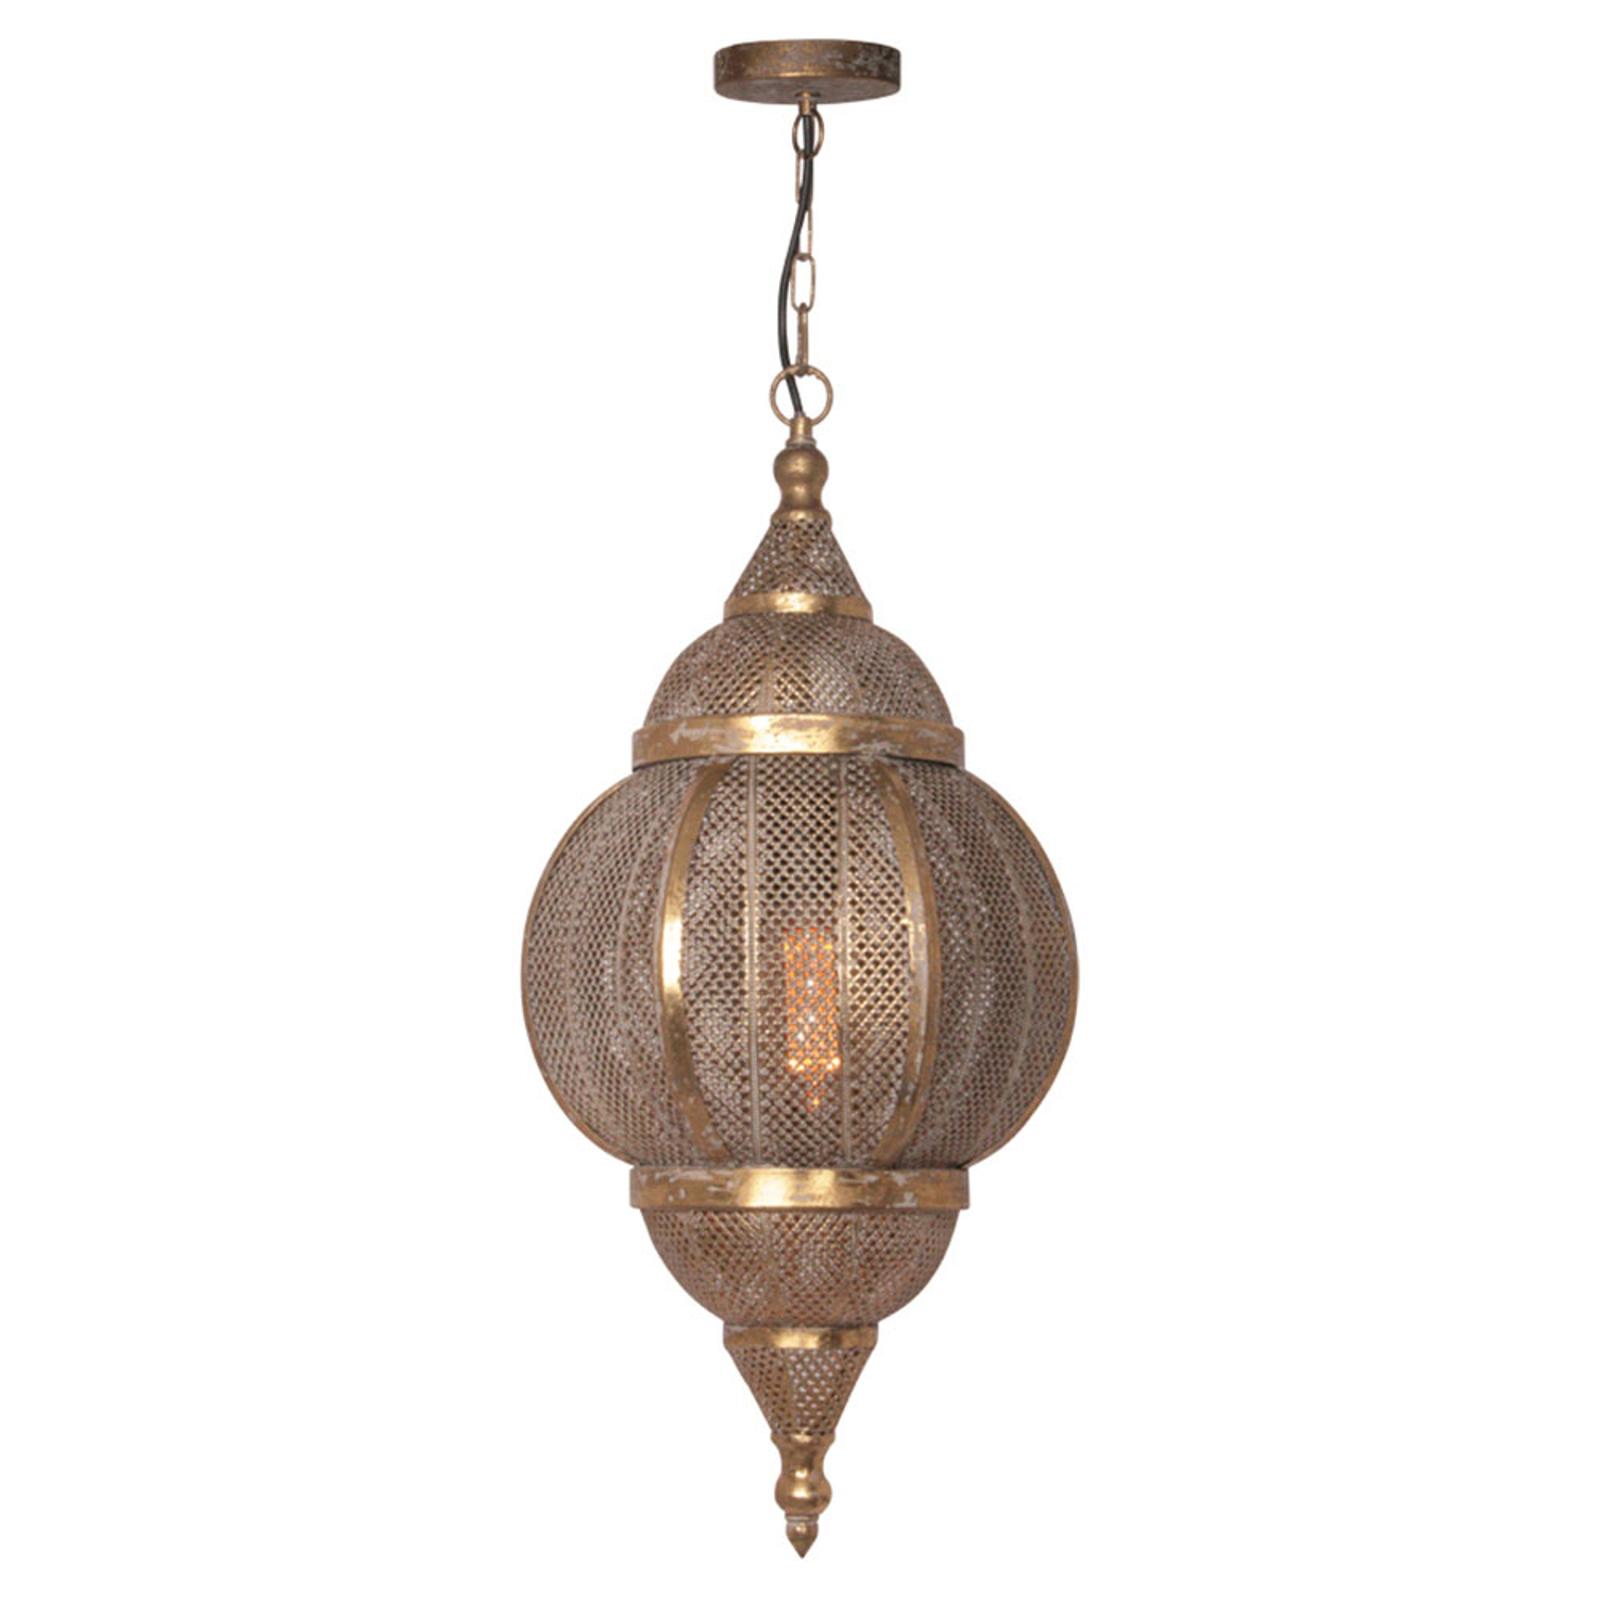 Lampa wisząca Aladino w stylu orientalnym Ø 28 cm